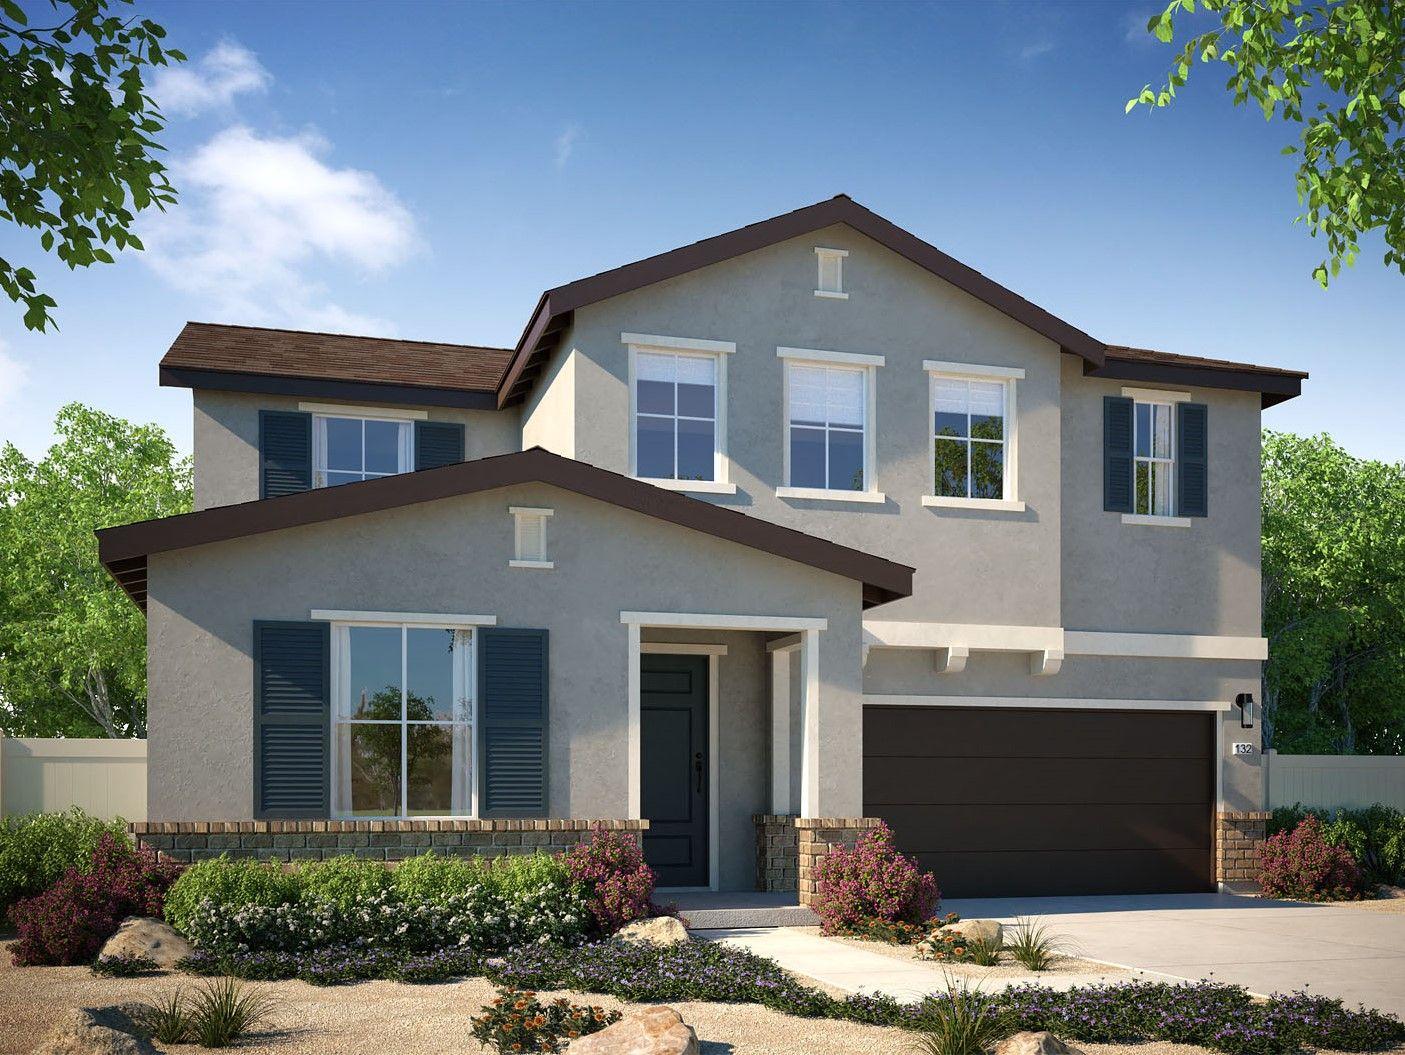 Multi Family for Sale at Ashton - Residence 4 20620 Roscoe Blvd Winnetka, California 91306 United States